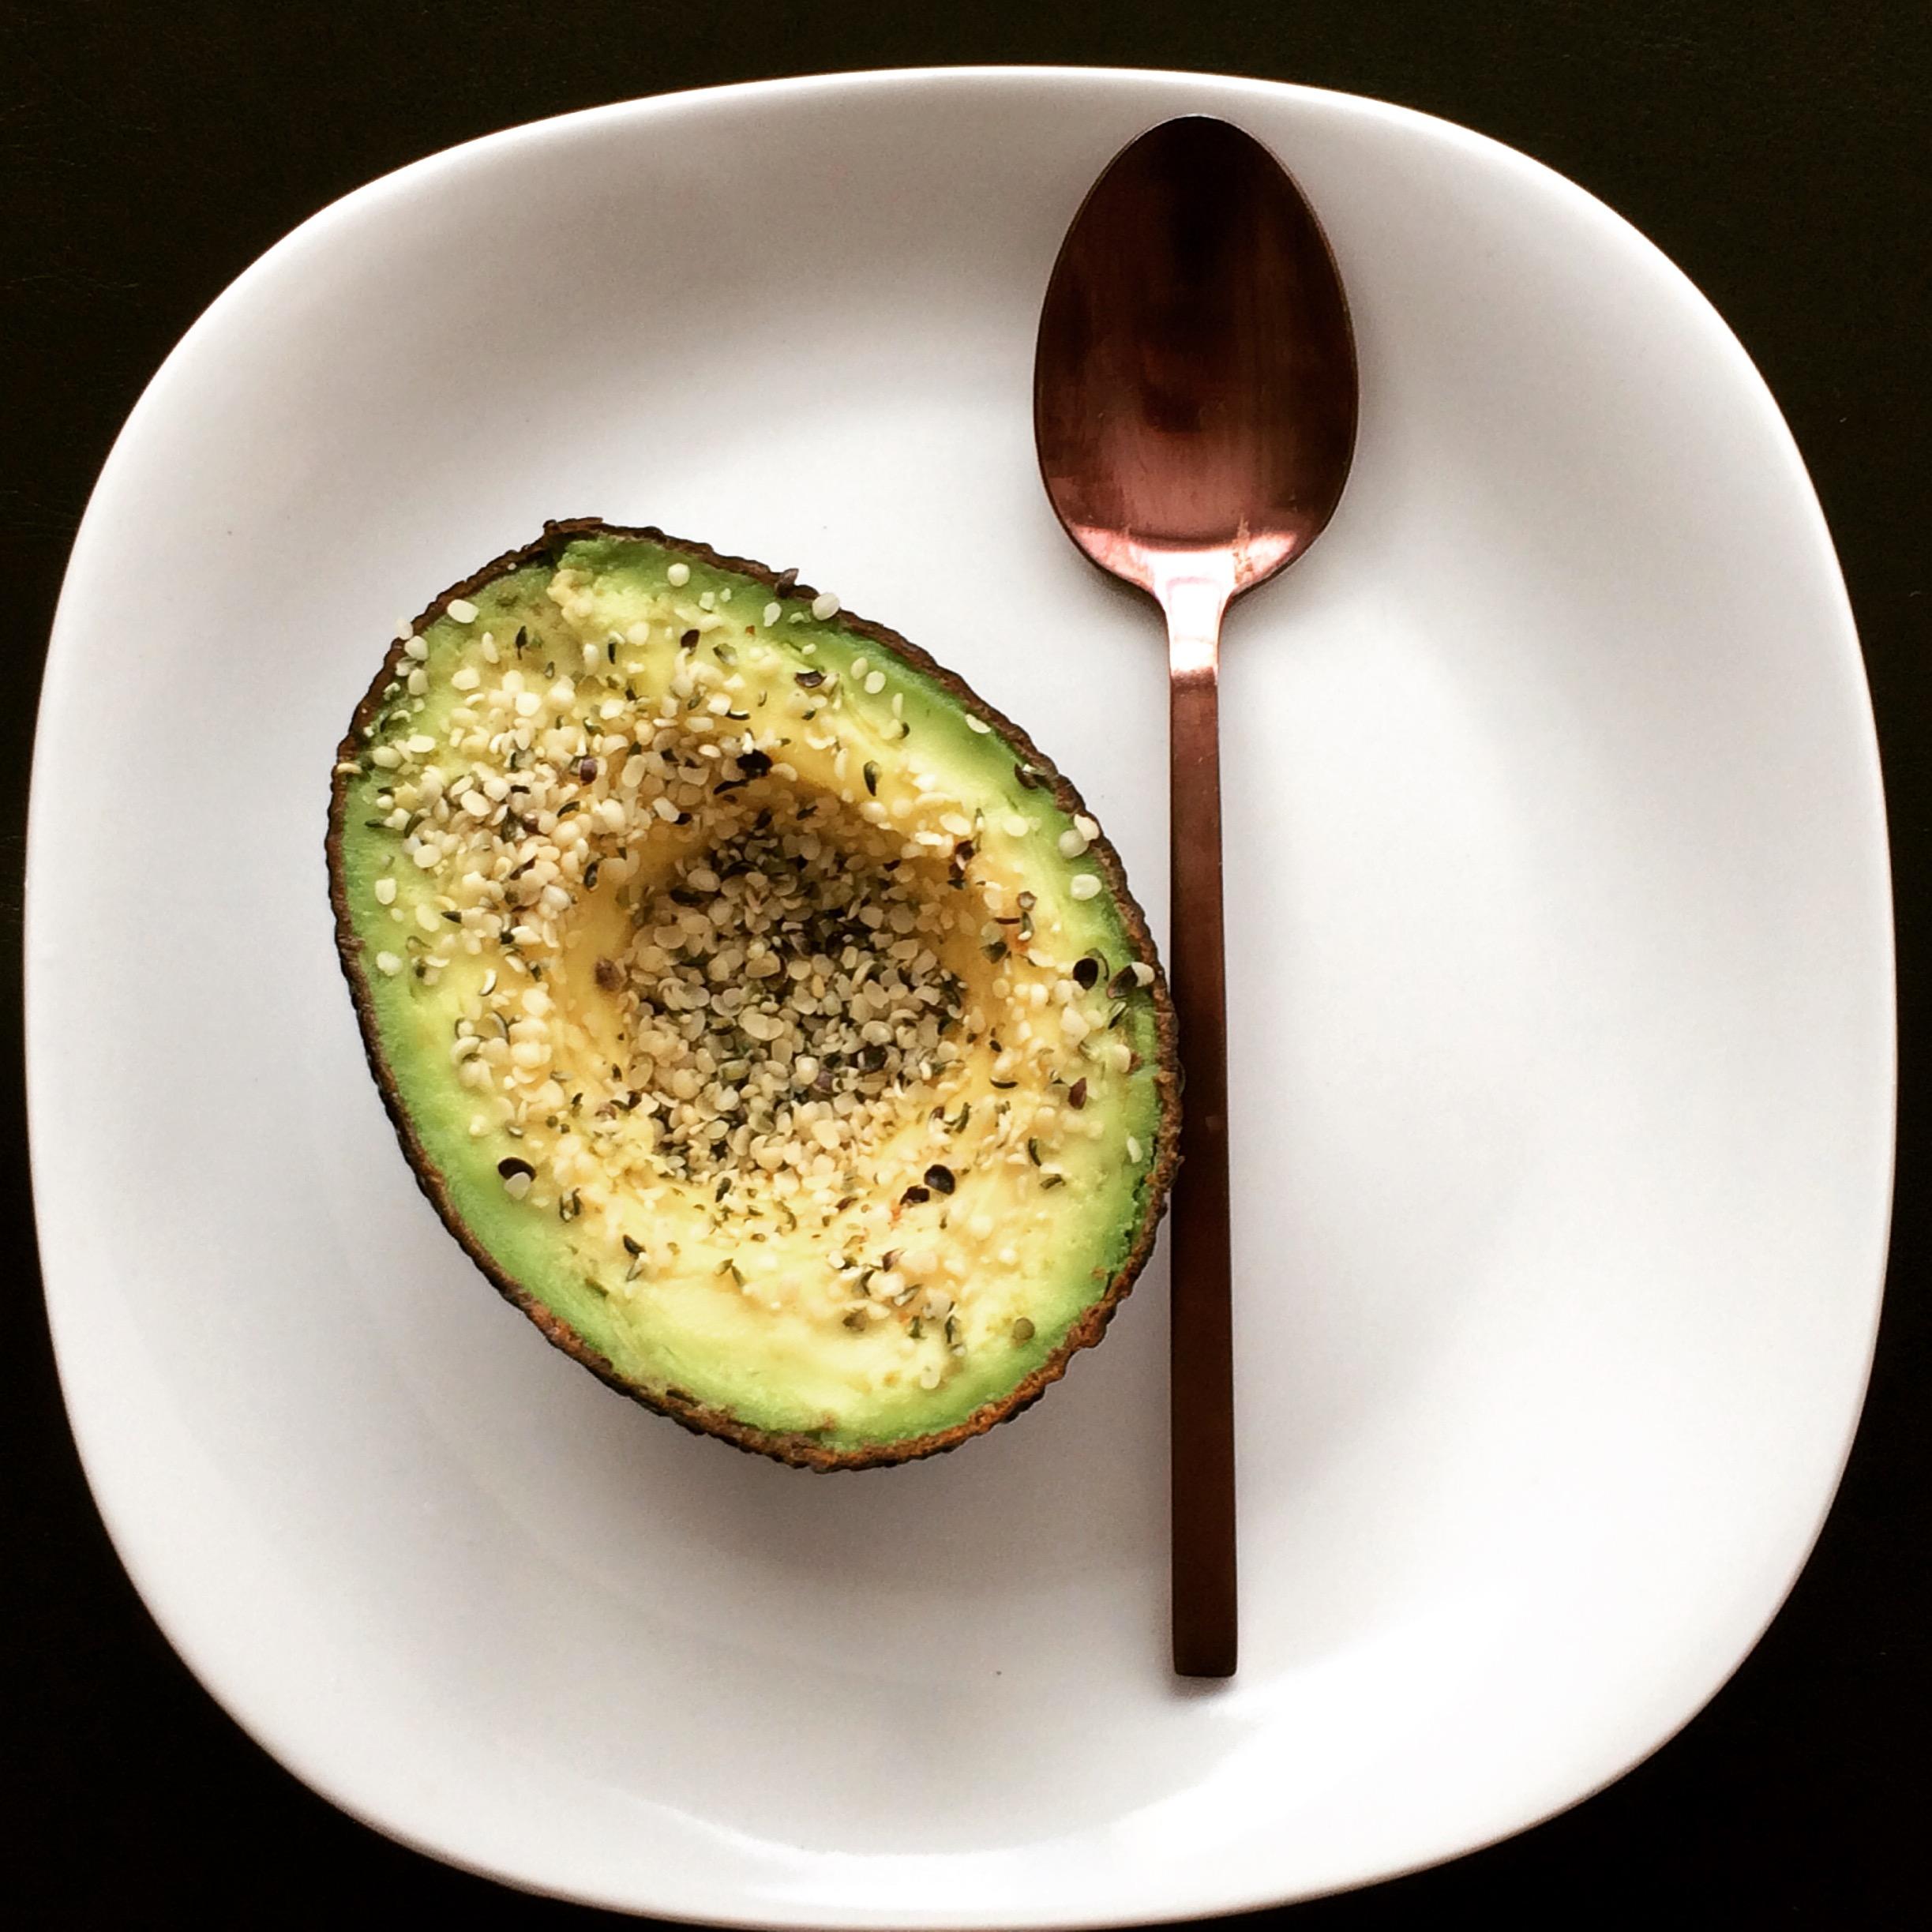 Healthy Desk Snack Ideas